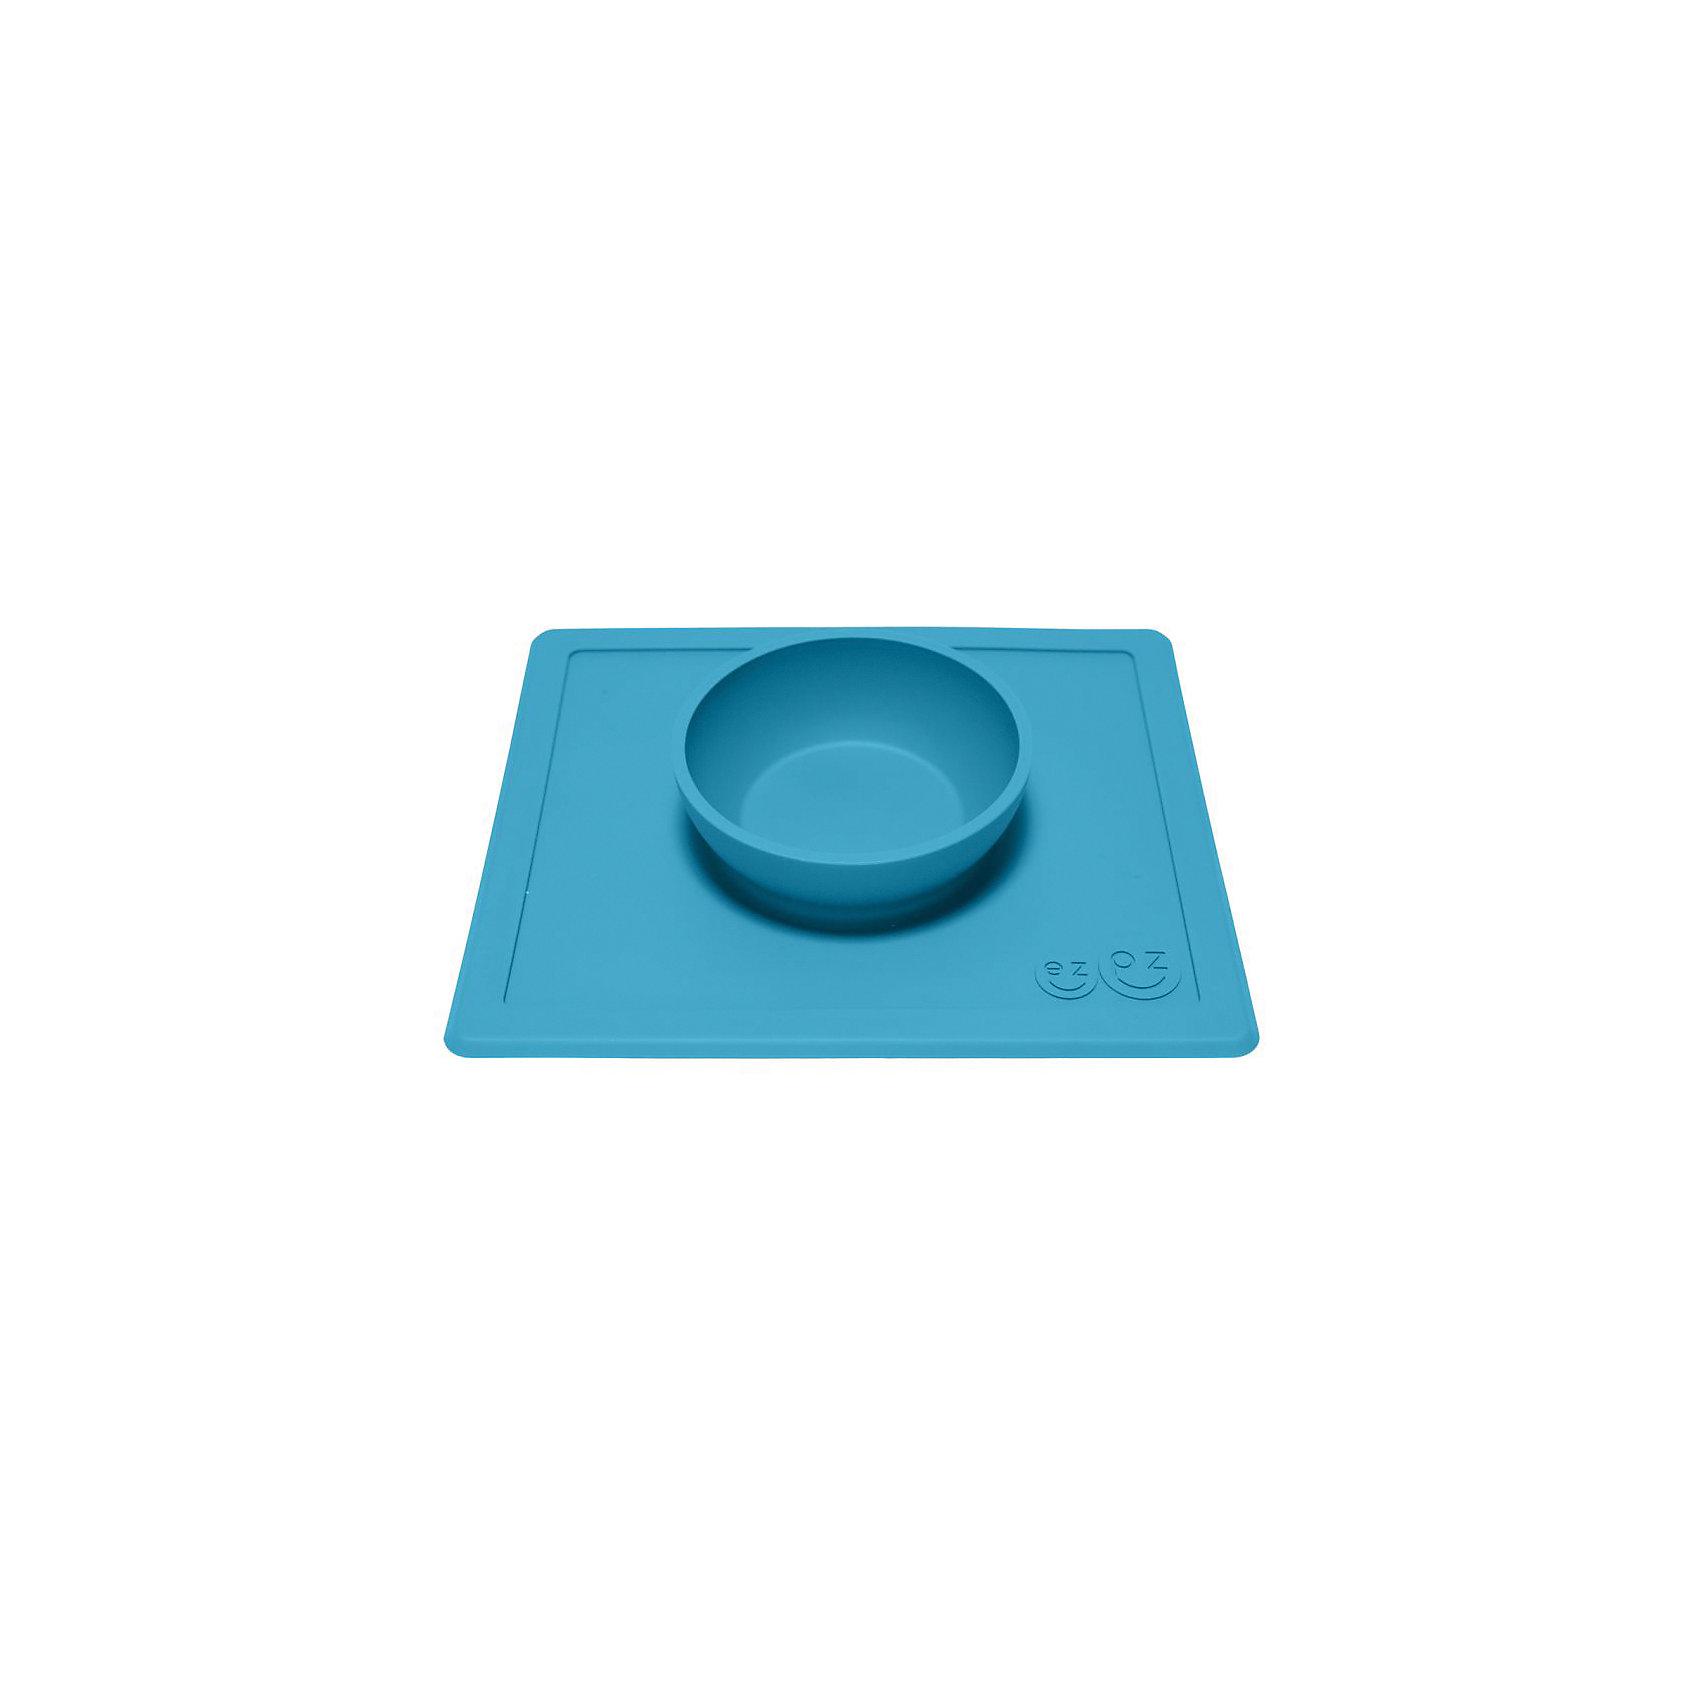 Тарелка с подставкой Happy Bowl, ezpz, синийПосуда для малышей<br>Тарелка с подставкой Happy Bowl, ezpz, синий.<br><br>Характеристики:<br>• изготовлена из качественного пищевого силикона<br>• не содержит бисфенол, свинец, фталаты и ПВХ<br>• надежно прикрепляется к столу<br>• не имеет присосок<br>• сгибается по краям<br>• подходит для использования в посудомоечной машине и микроволновой печи<br>• состав: 100% силикон<br>• размер: 26,5х22,5х3,5 см<br>• объем: 240 мл<br>• цвет: синий<br><br>Тарелка с подставкой Happy Bowl, ezpz отлично подойдет для детей, которые только учатся есть аккуратно. Вы можете налить ребенку суп в чашу и не бояться, что малыш прольет его, ведь тарелка надежно крепится к столу за счет своего веса. По краям мата вы сможете положить хлеб, чашку или столовые приборы. Тарелку можно греть в микроволновой печи и мыть в посудомоечной машине, что еще больше облегчает ее использование. <br><br>Тарелку с подставкой Happy Bowl, ezpz, синий можно приобрести в нашем интернет-магазине.<br><br>Ширина мм: 260<br>Глубина мм: 35<br>Высота мм: 225<br>Вес г: 460<br>Возраст от месяцев: 0<br>Возраст до месяцев: 36<br>Пол: Унисекс<br>Возраст: Детский<br>SKU: 5068706